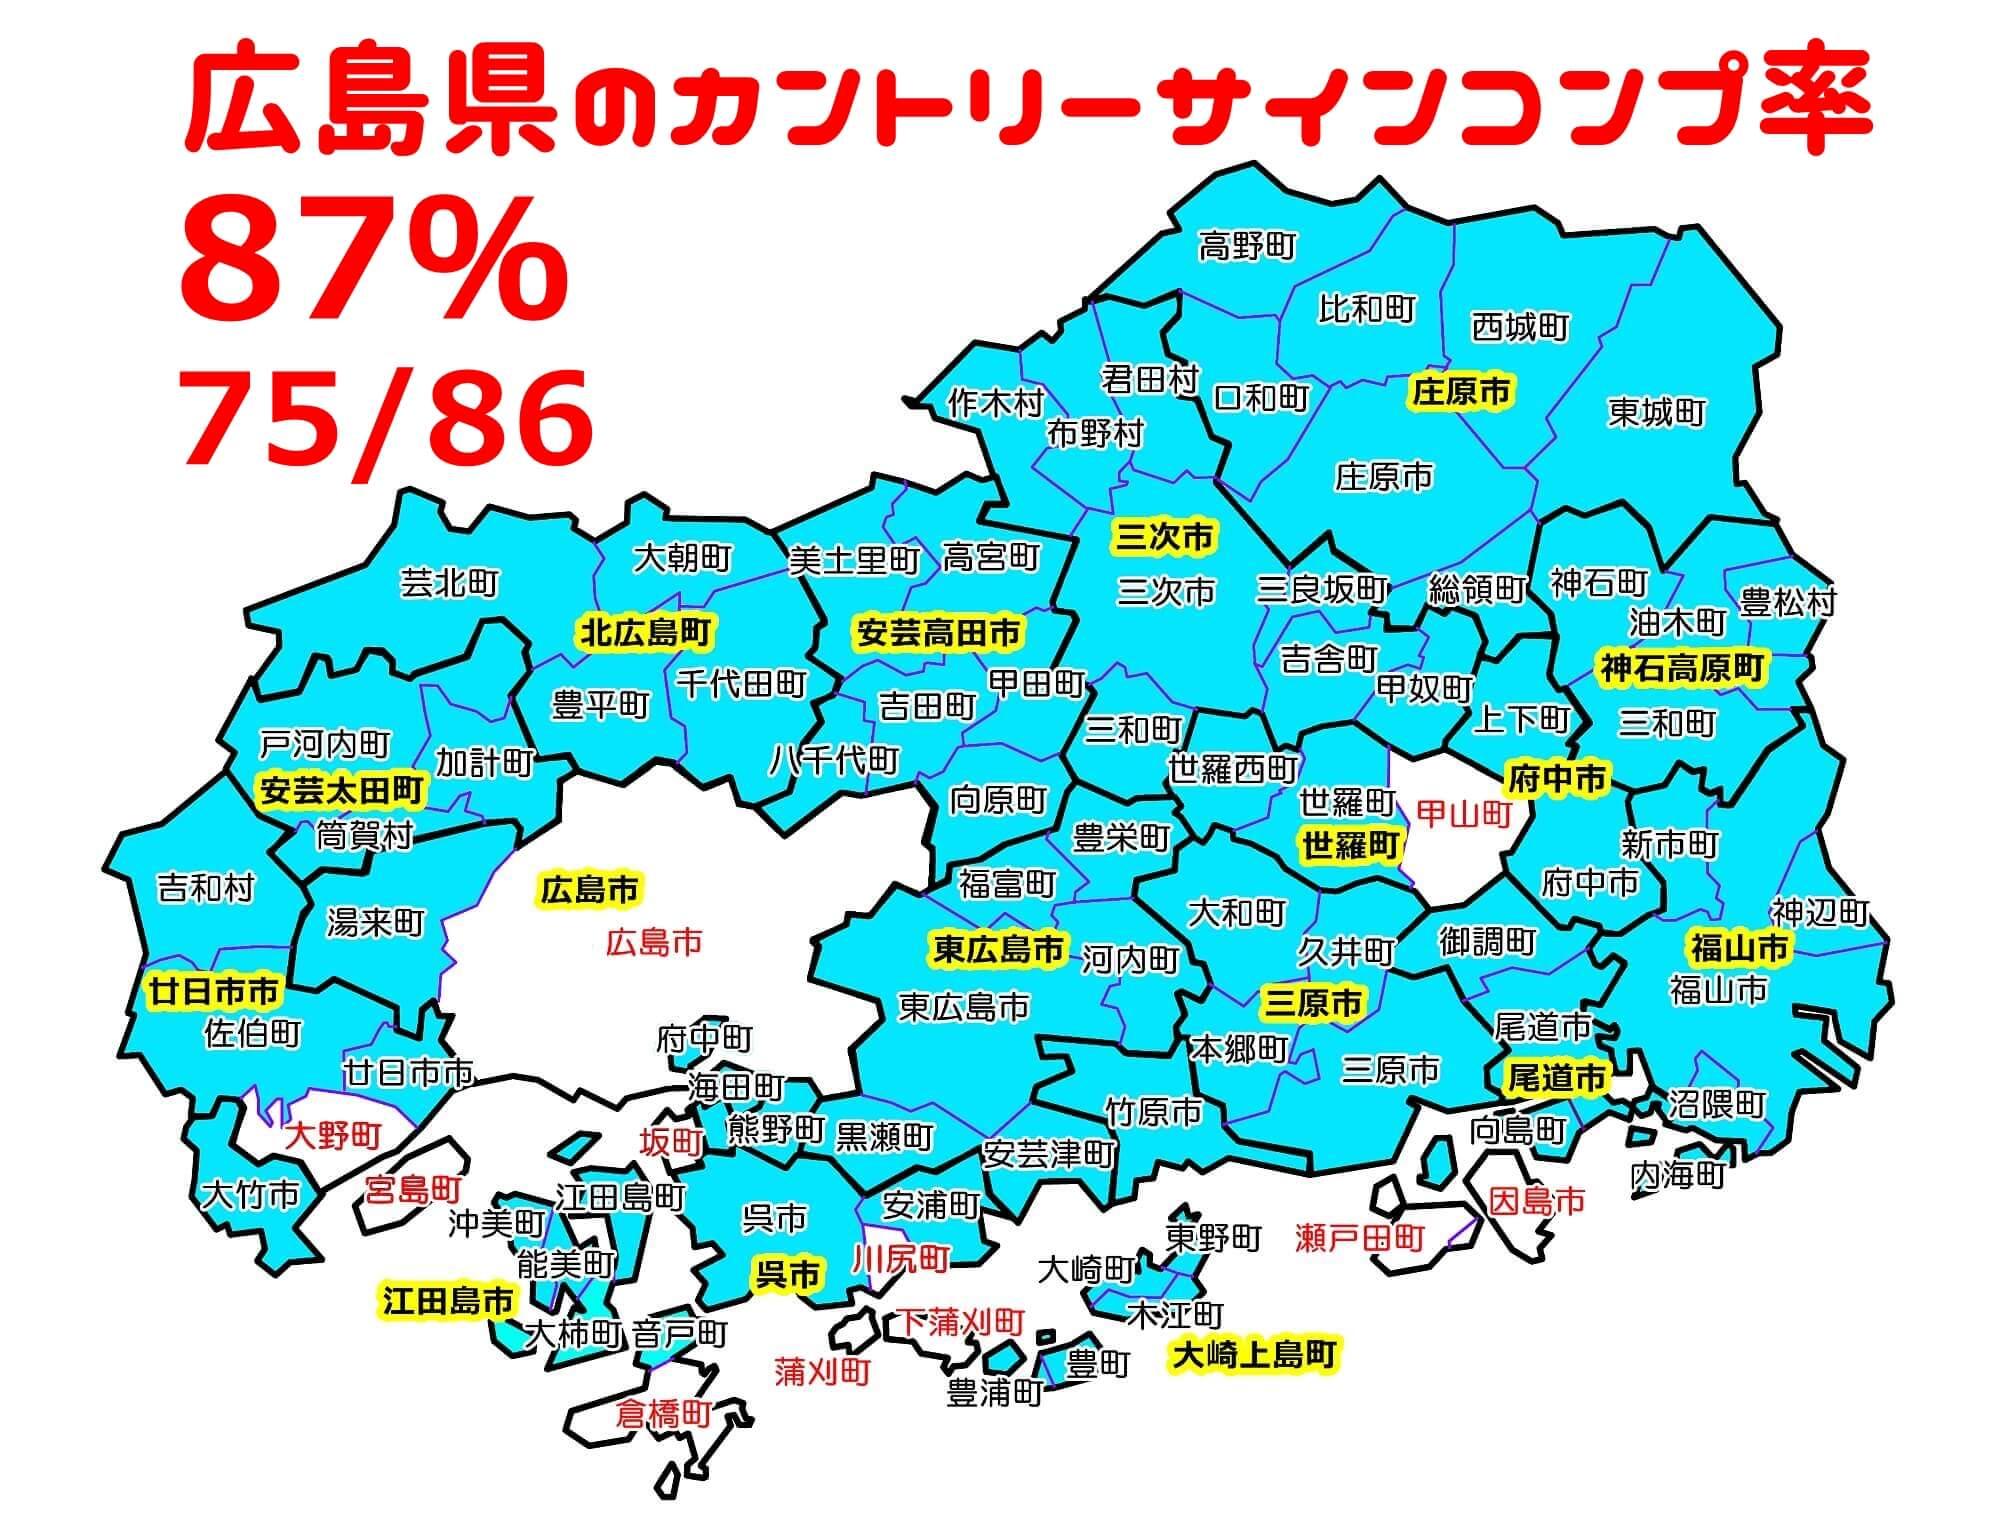 広島県のカントリーサインコンプ率